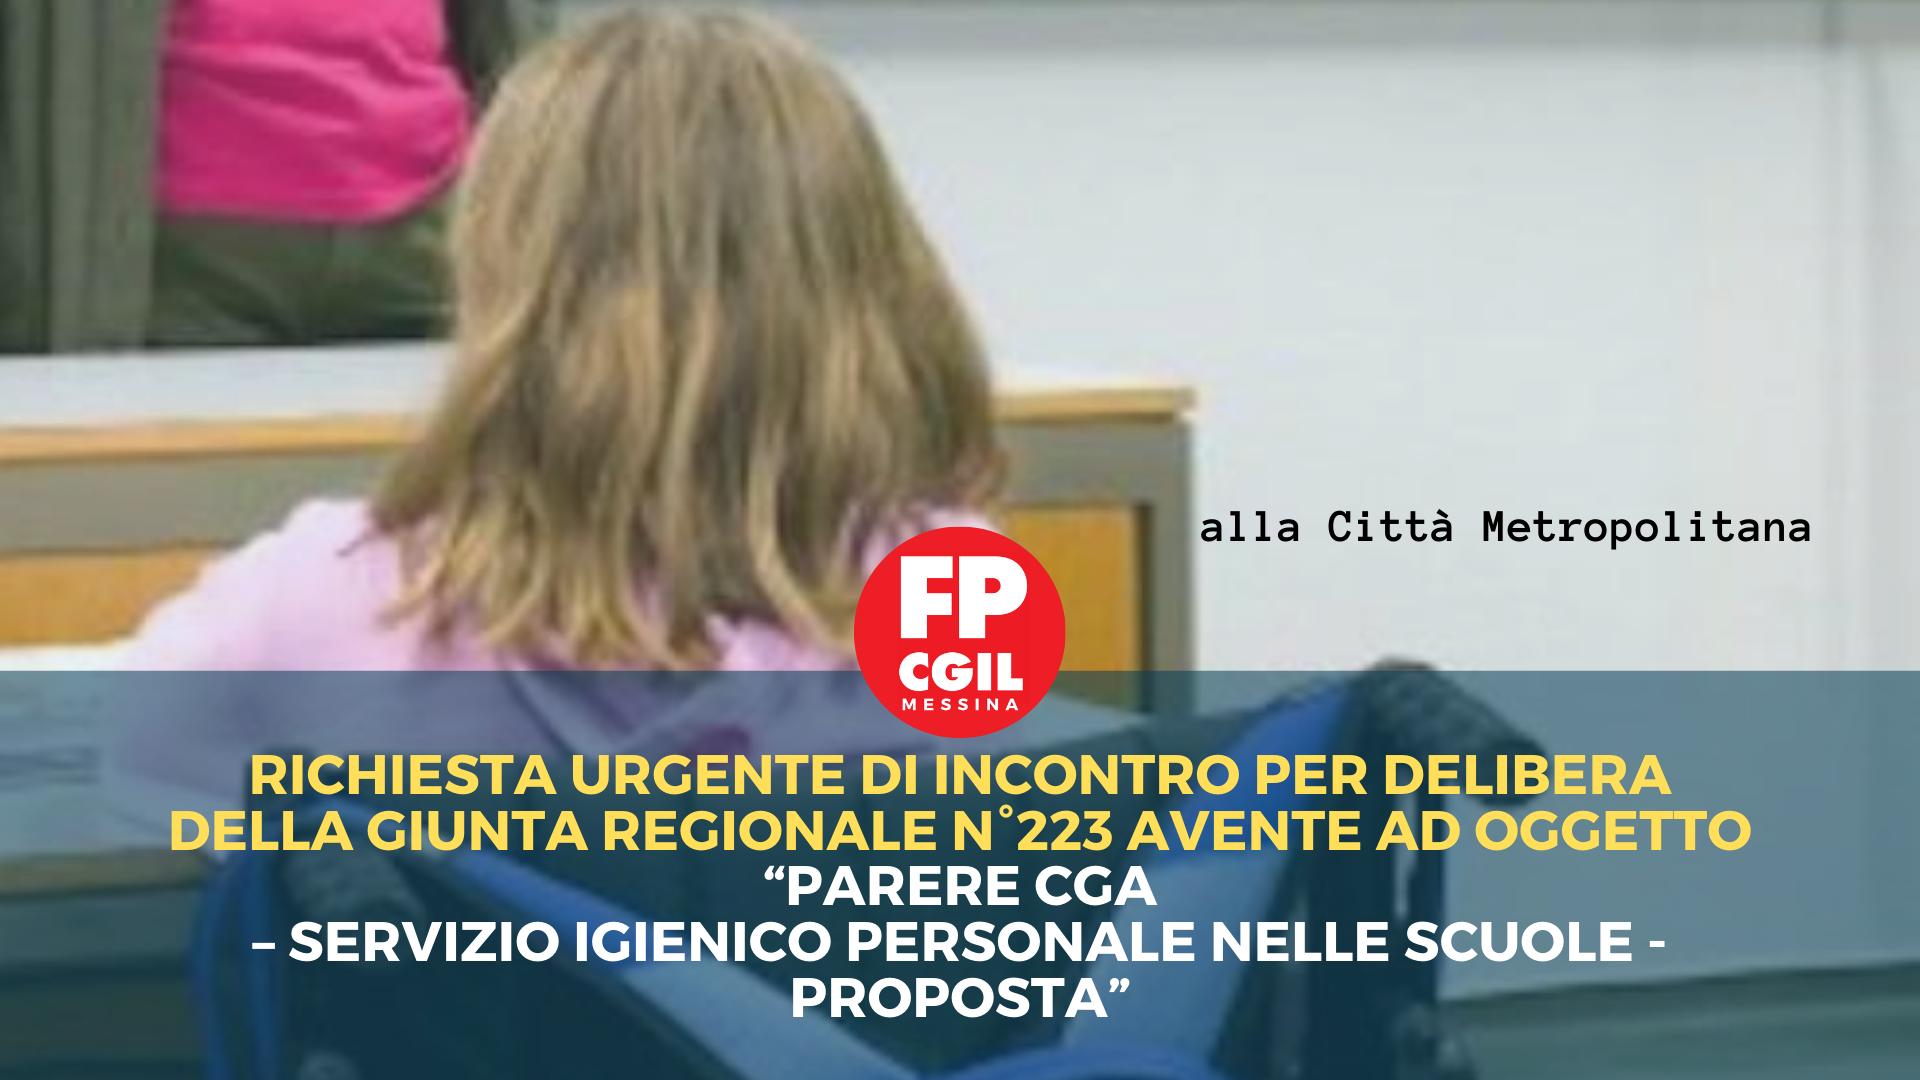 """Richiesta urgente di incontro per delibera della Giunta regionale n°223 avente ad oggetto """"Parere CGA – Servizio igienico personale nelle scuole – Proposta"""""""